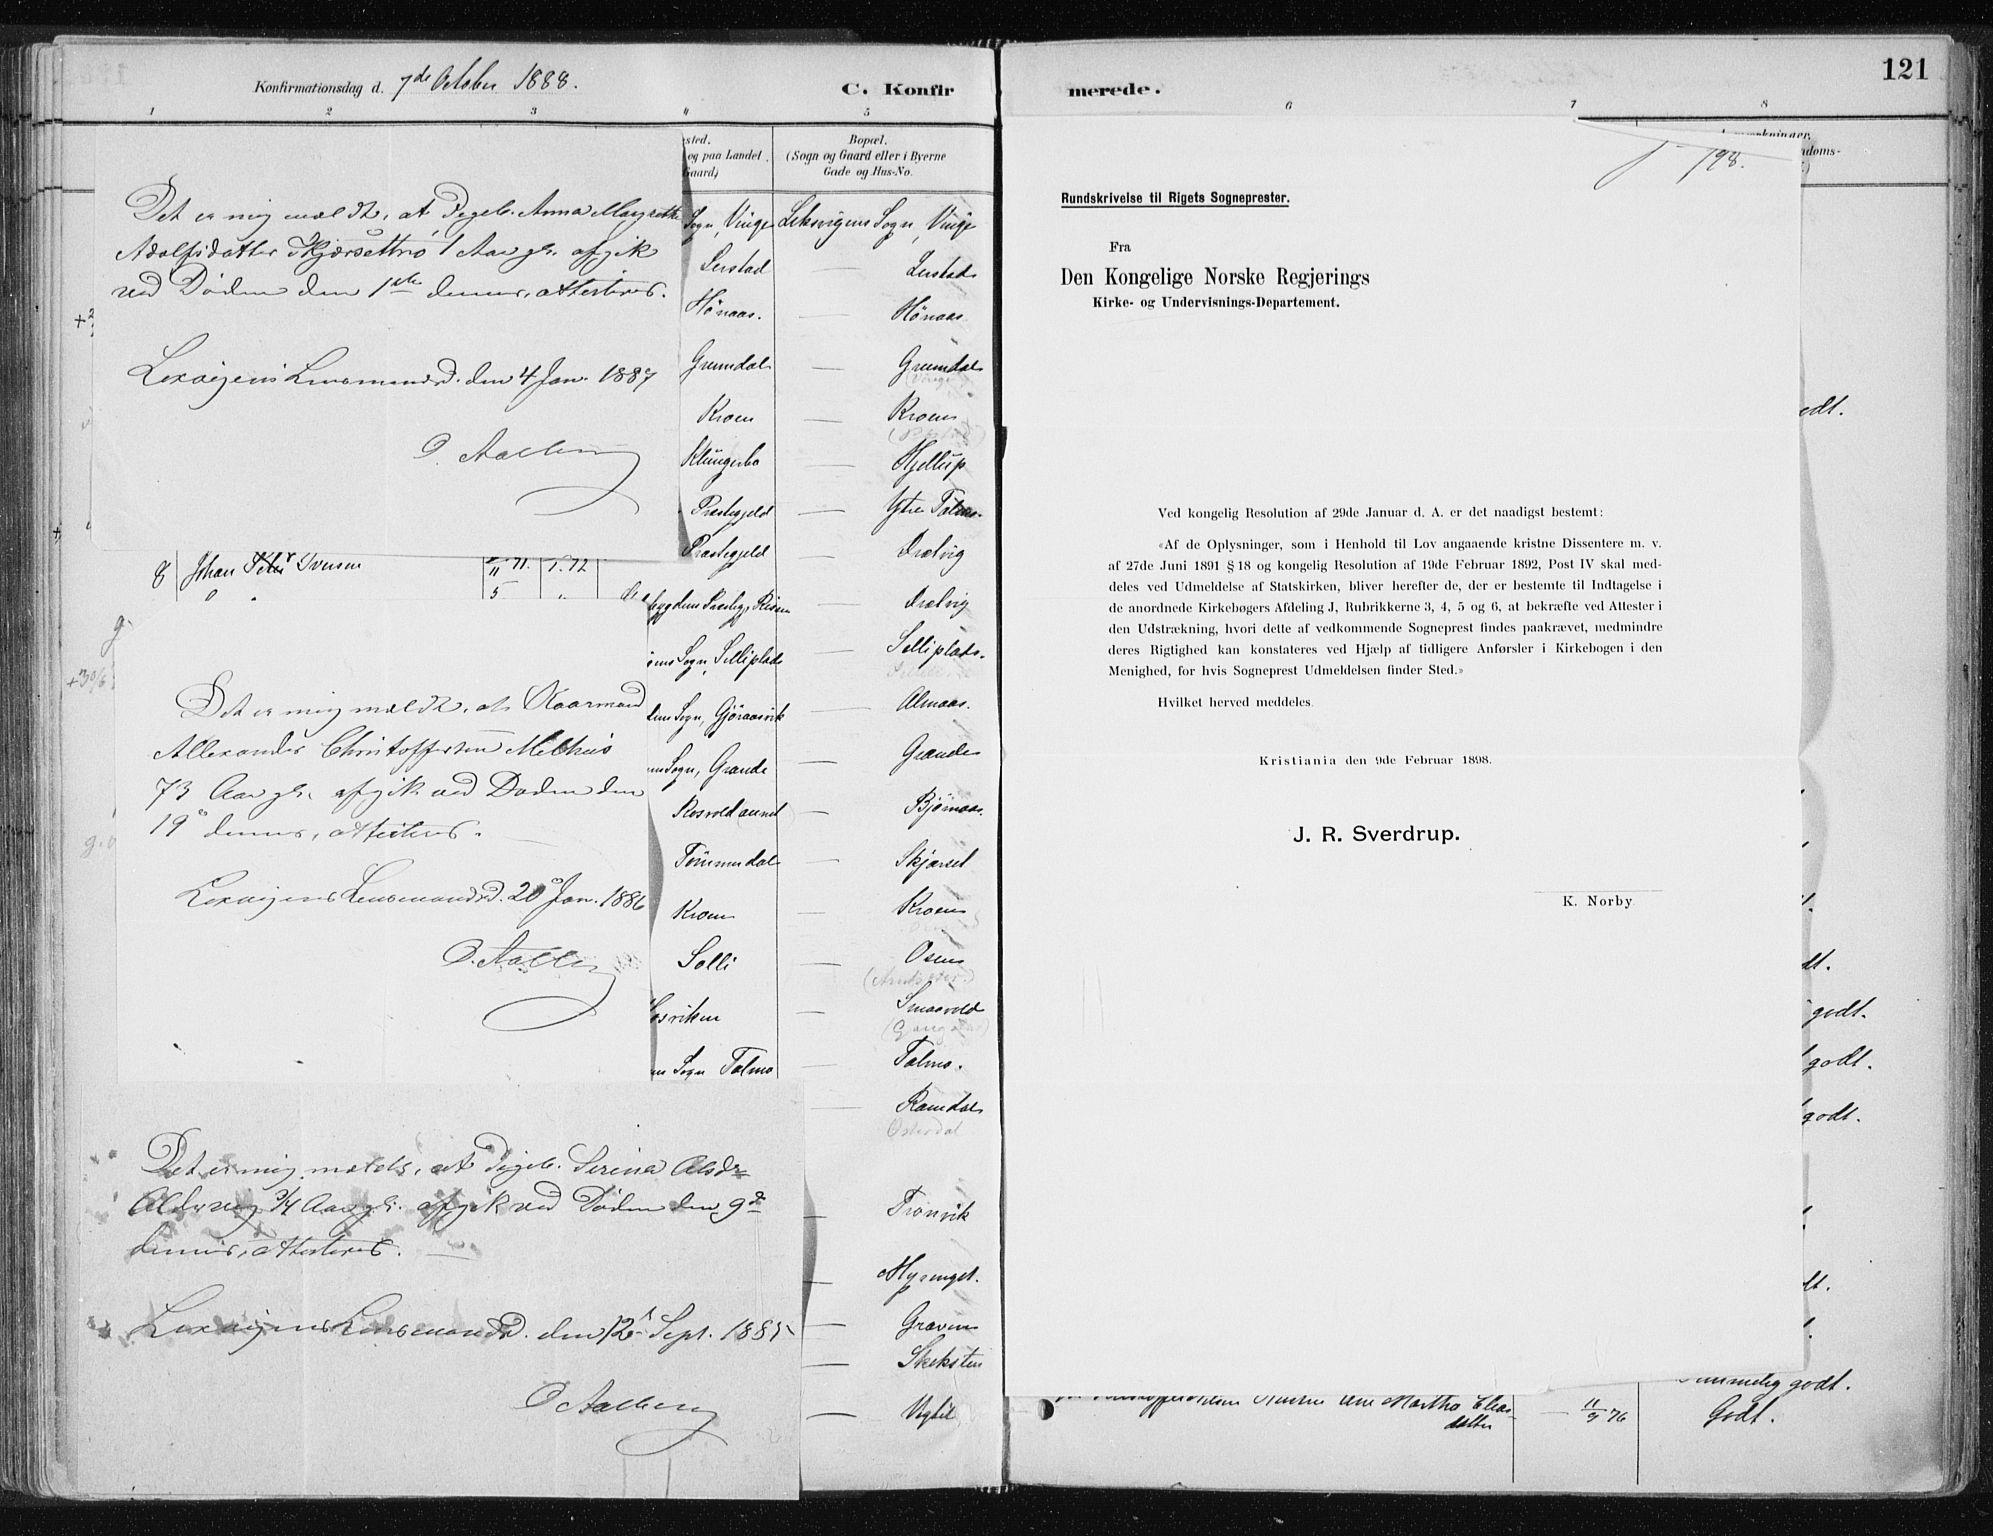 SAT, Ministerialprotokoller, klokkerbøker og fødselsregistre - Nord-Trøndelag, 701/L0010: Parish register (official) no. 701A10, 1883-1899, p. 121